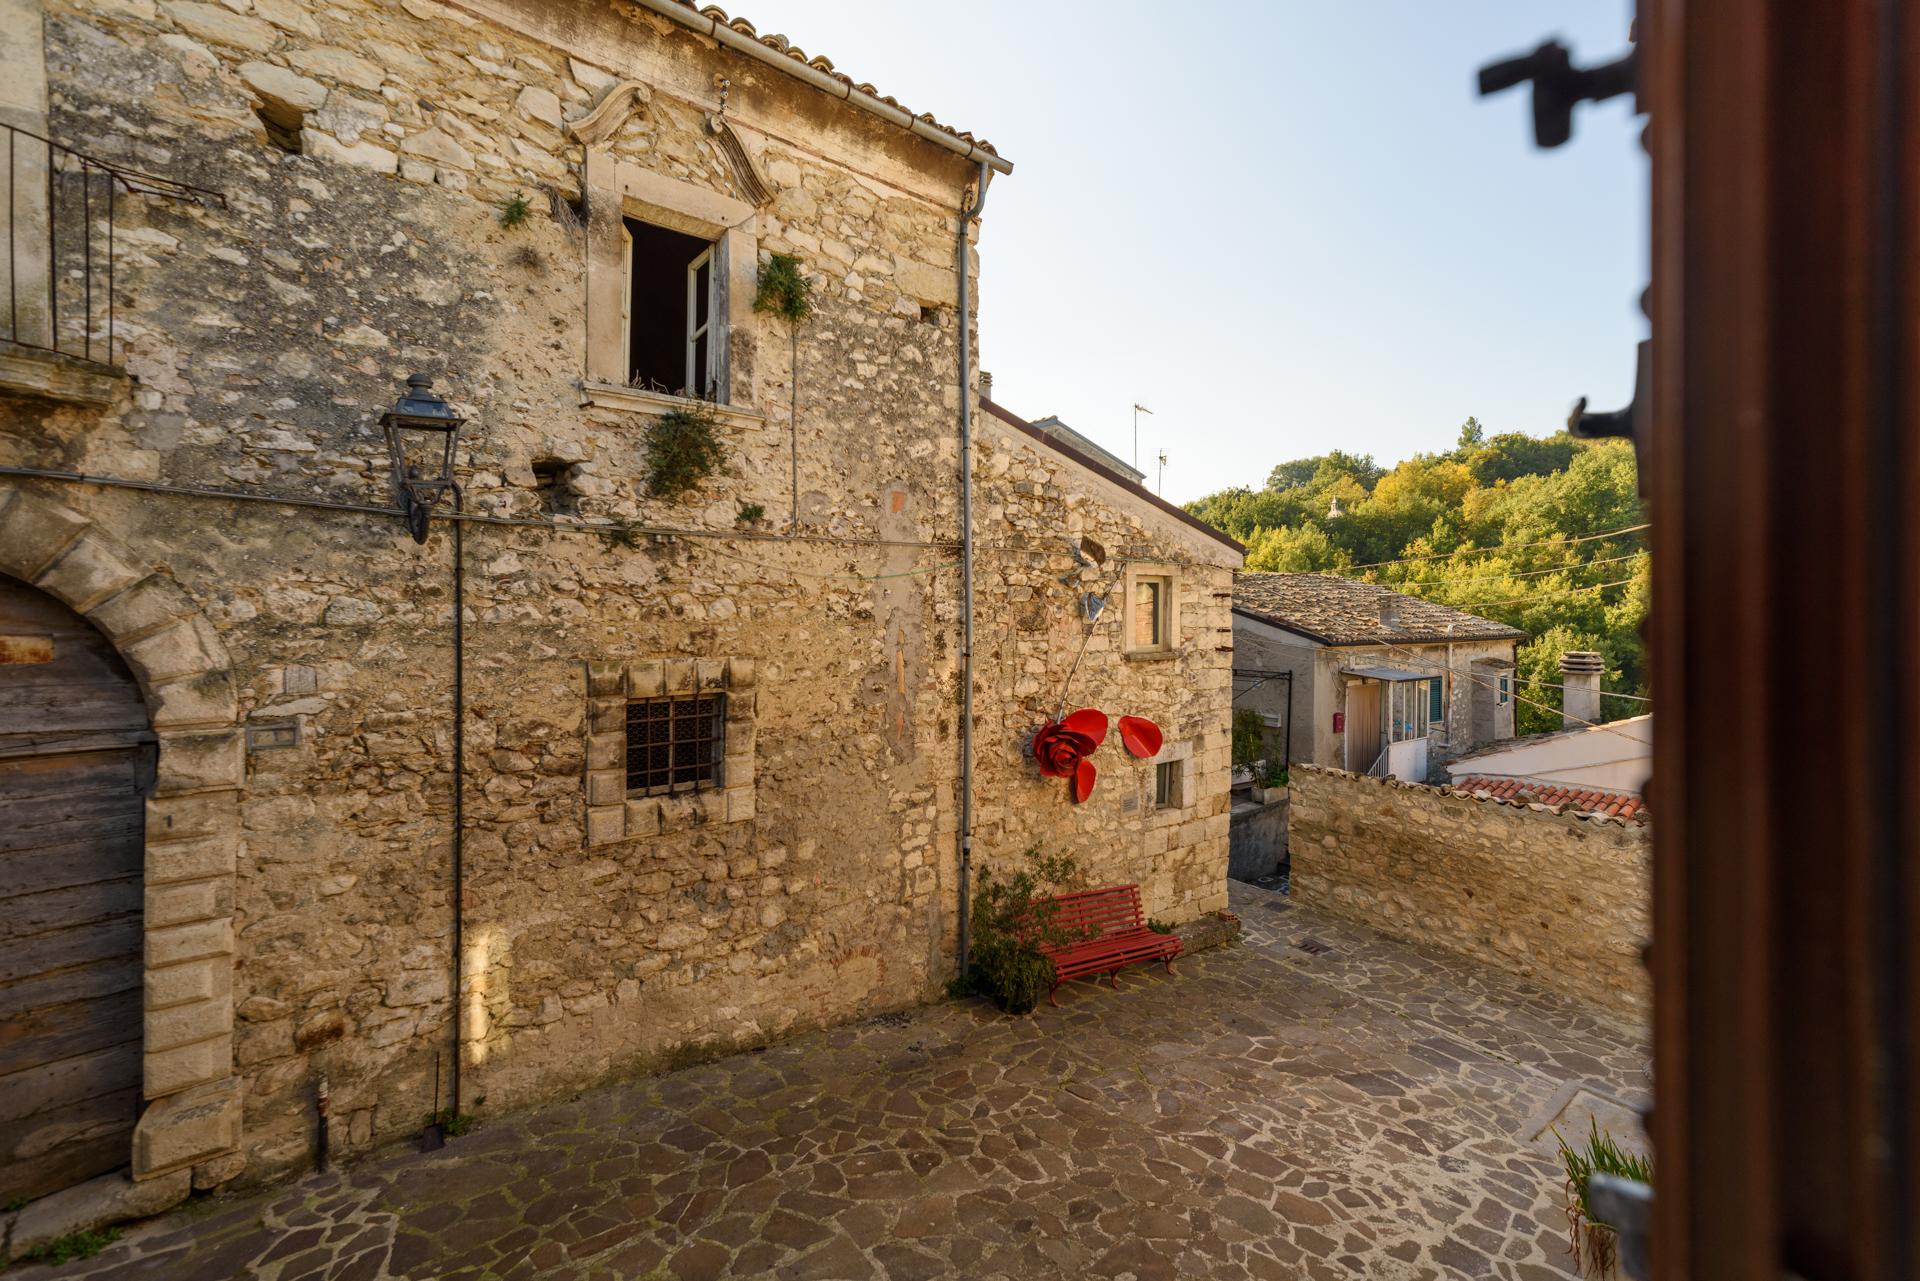 Acheter Une Maison En Italie Abruzzes la maison de martine - il tuo b&b nel cuore dell'abruzzo